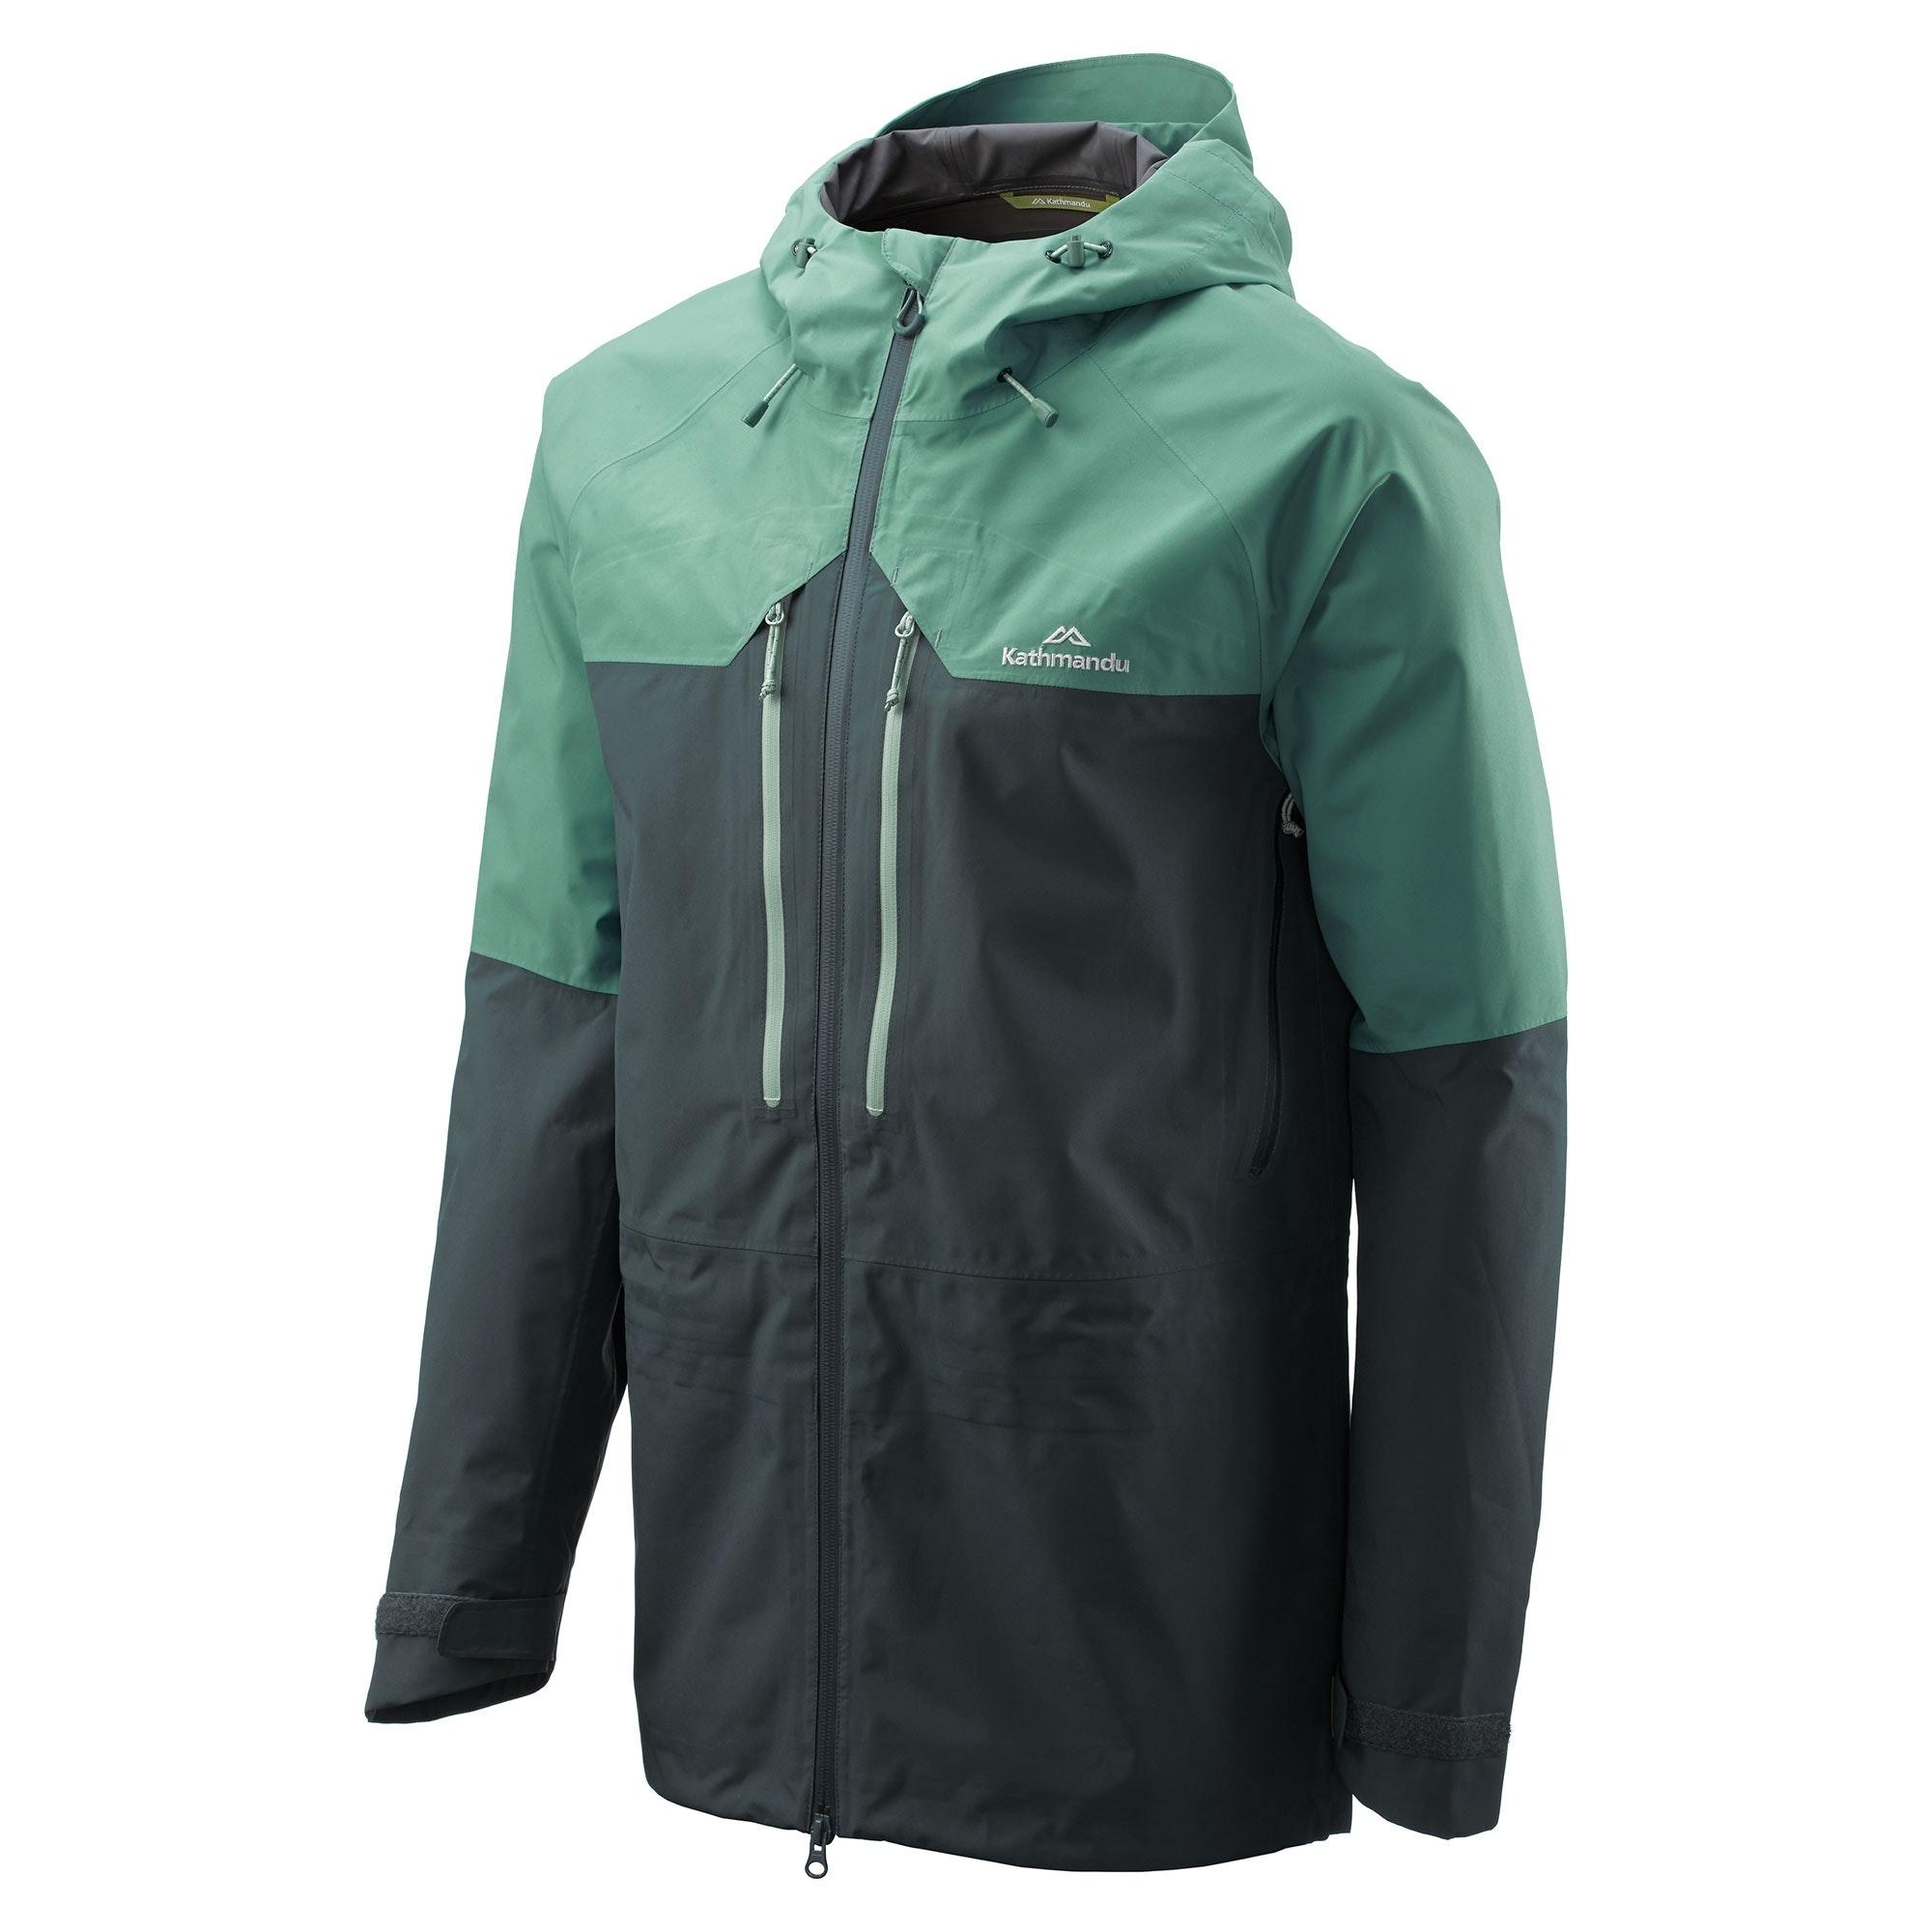 46087bd32 NEW Kathmandu Aysen Men's GORE-TEX Windproof Waterproof Outdoor Rain ...